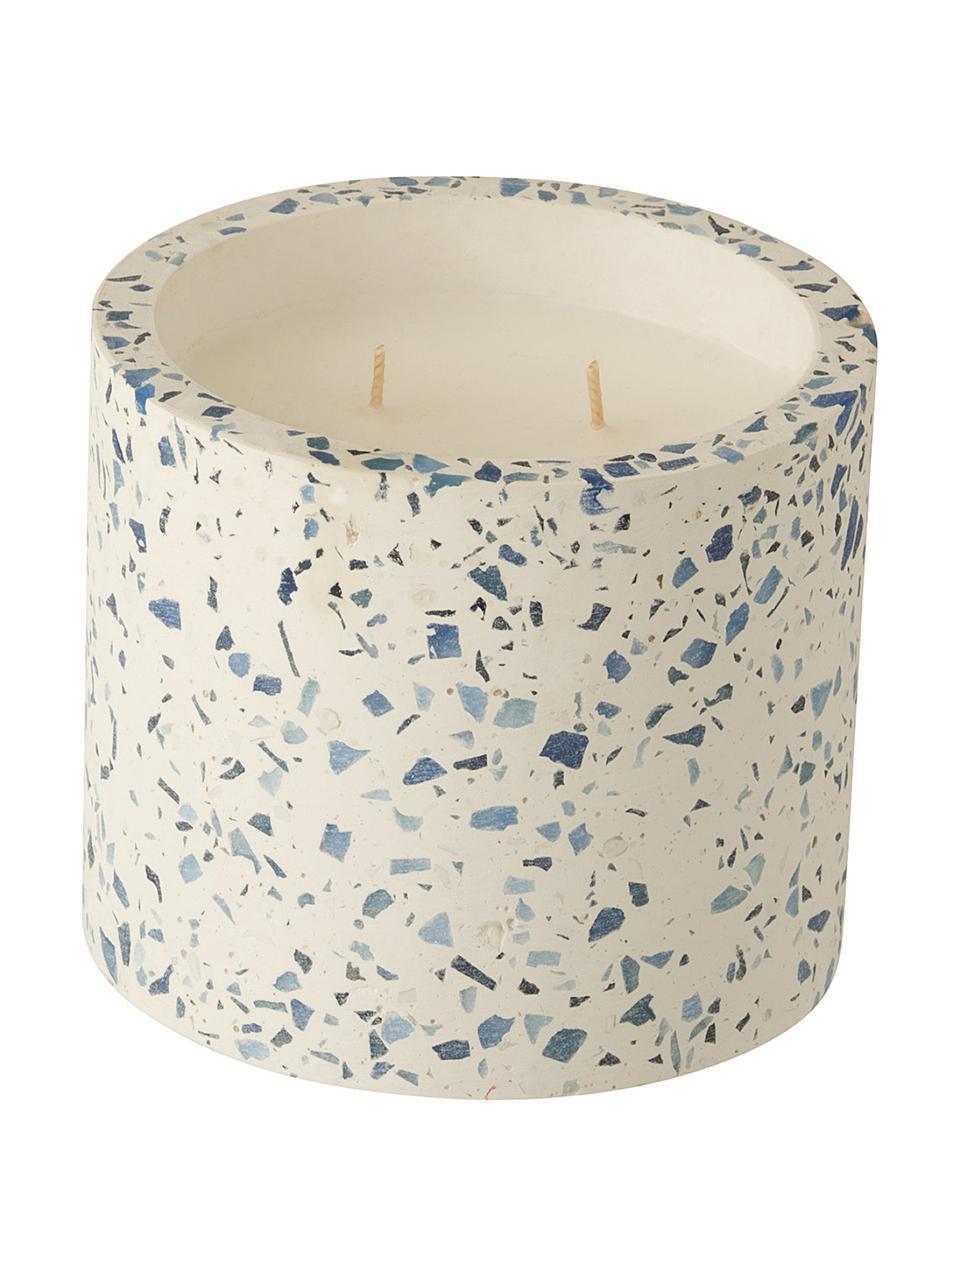 Zweidocht-Duftkerze Terrazzo, Behälter: Steingut, Cremefarben, Blau, Ø 12 x H 11 cm